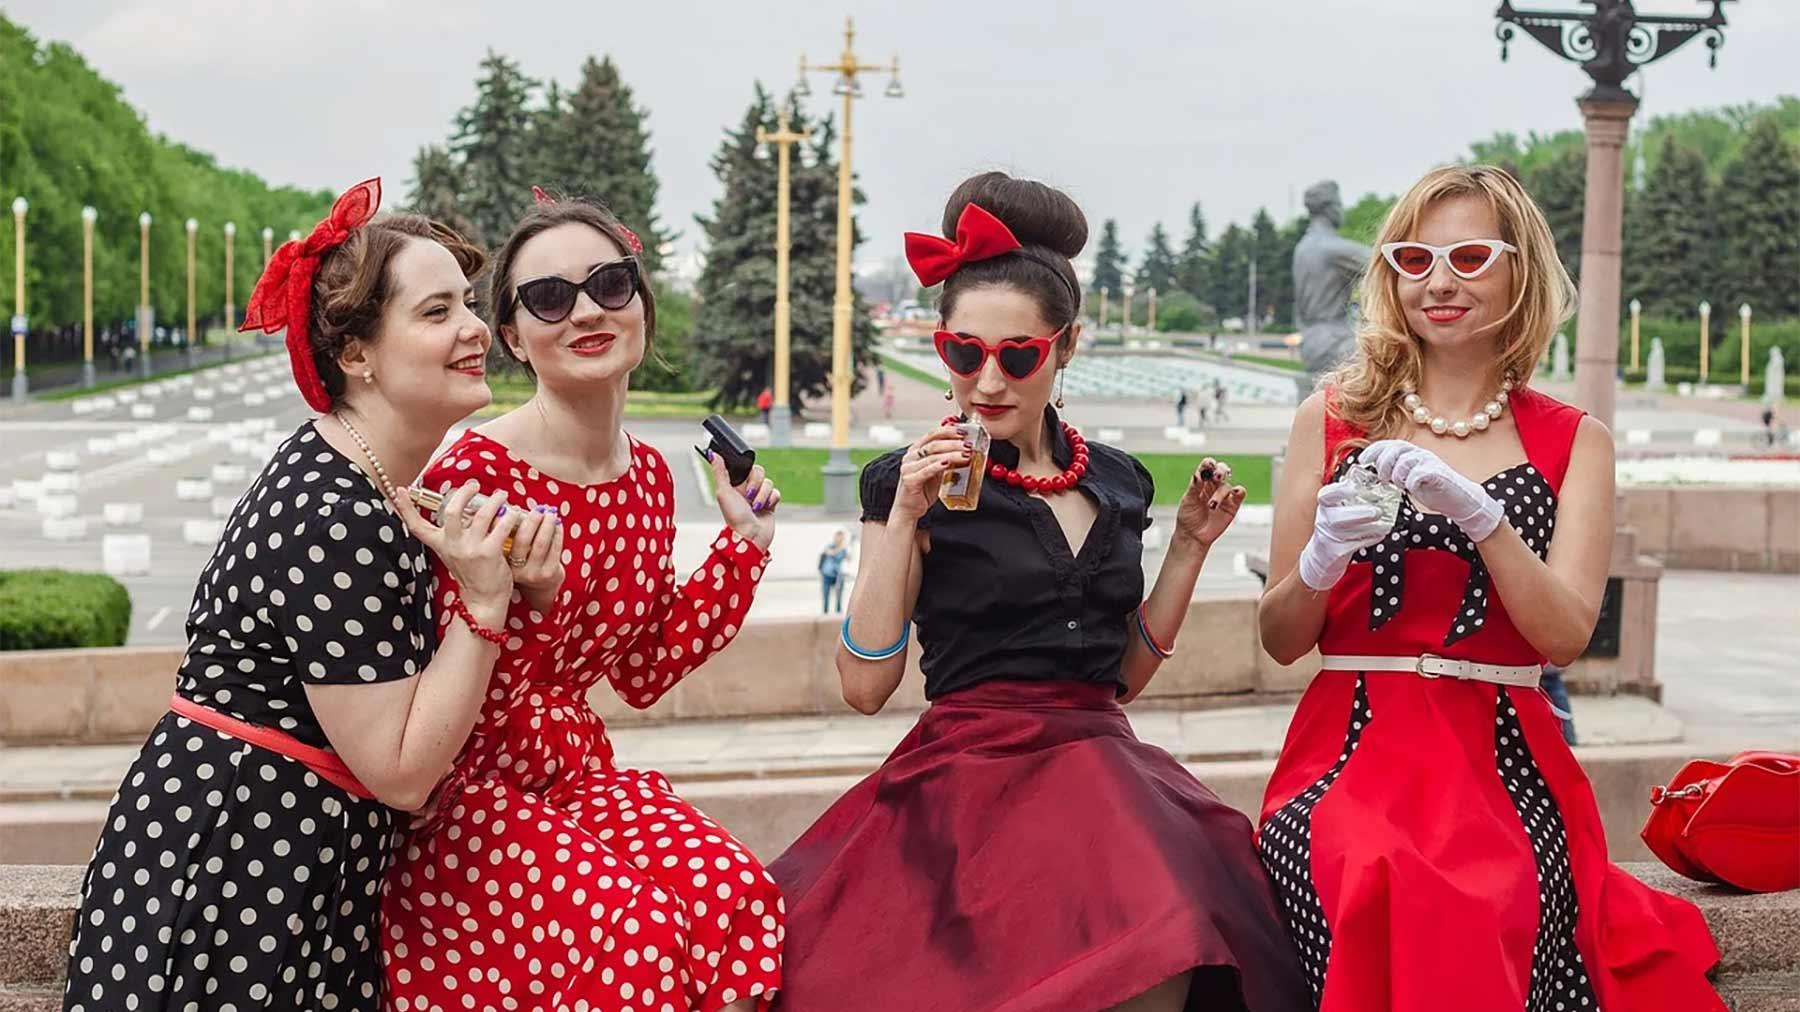 Popkultur: Ein Phänomen im Wandel der Zeit girls-pixabay